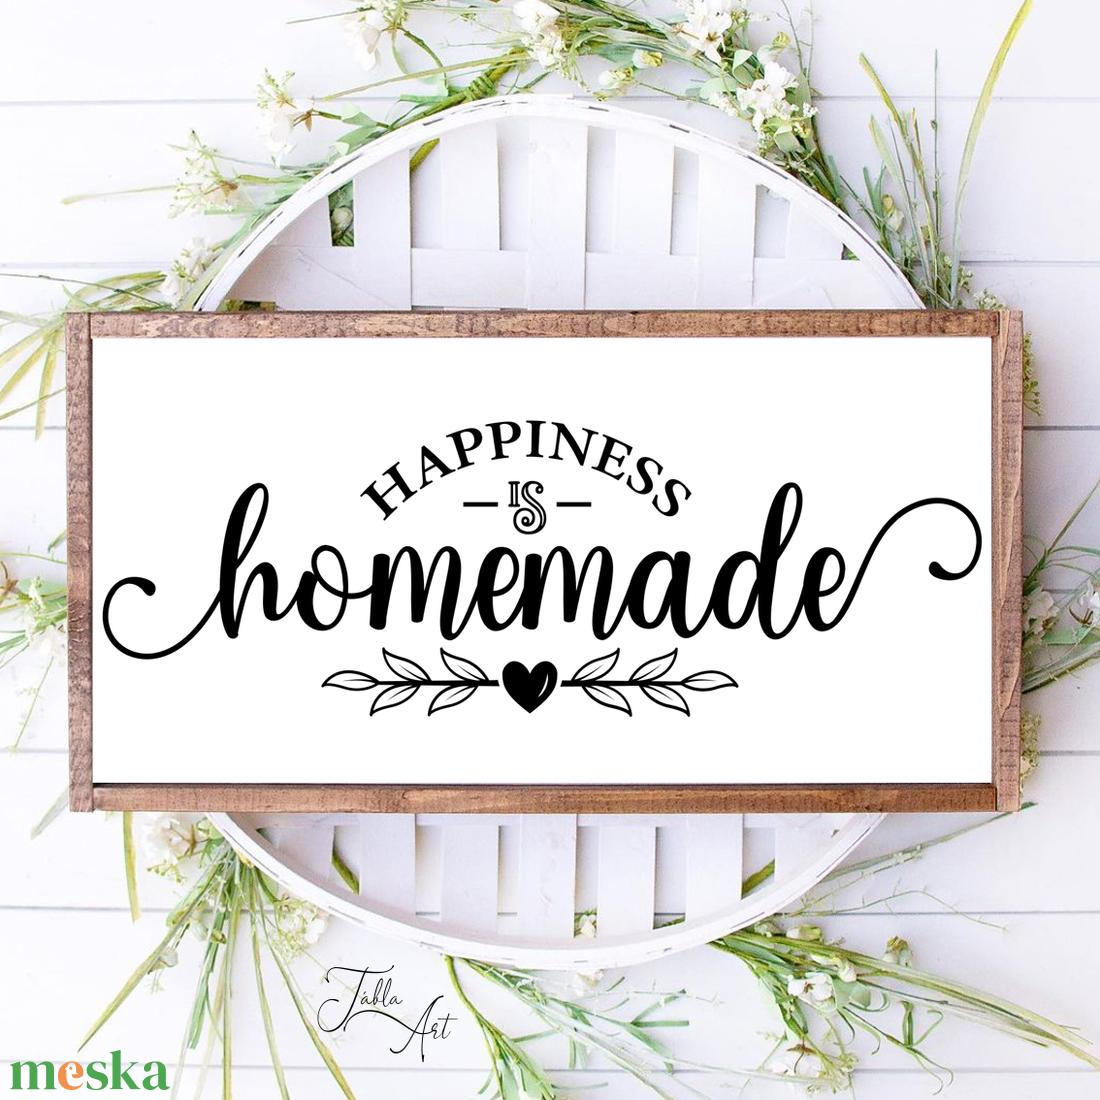 Happiness is homemade 40x20 cm fa tábla - otthon & lakás - dekoráció - táblakép - Meska.hu